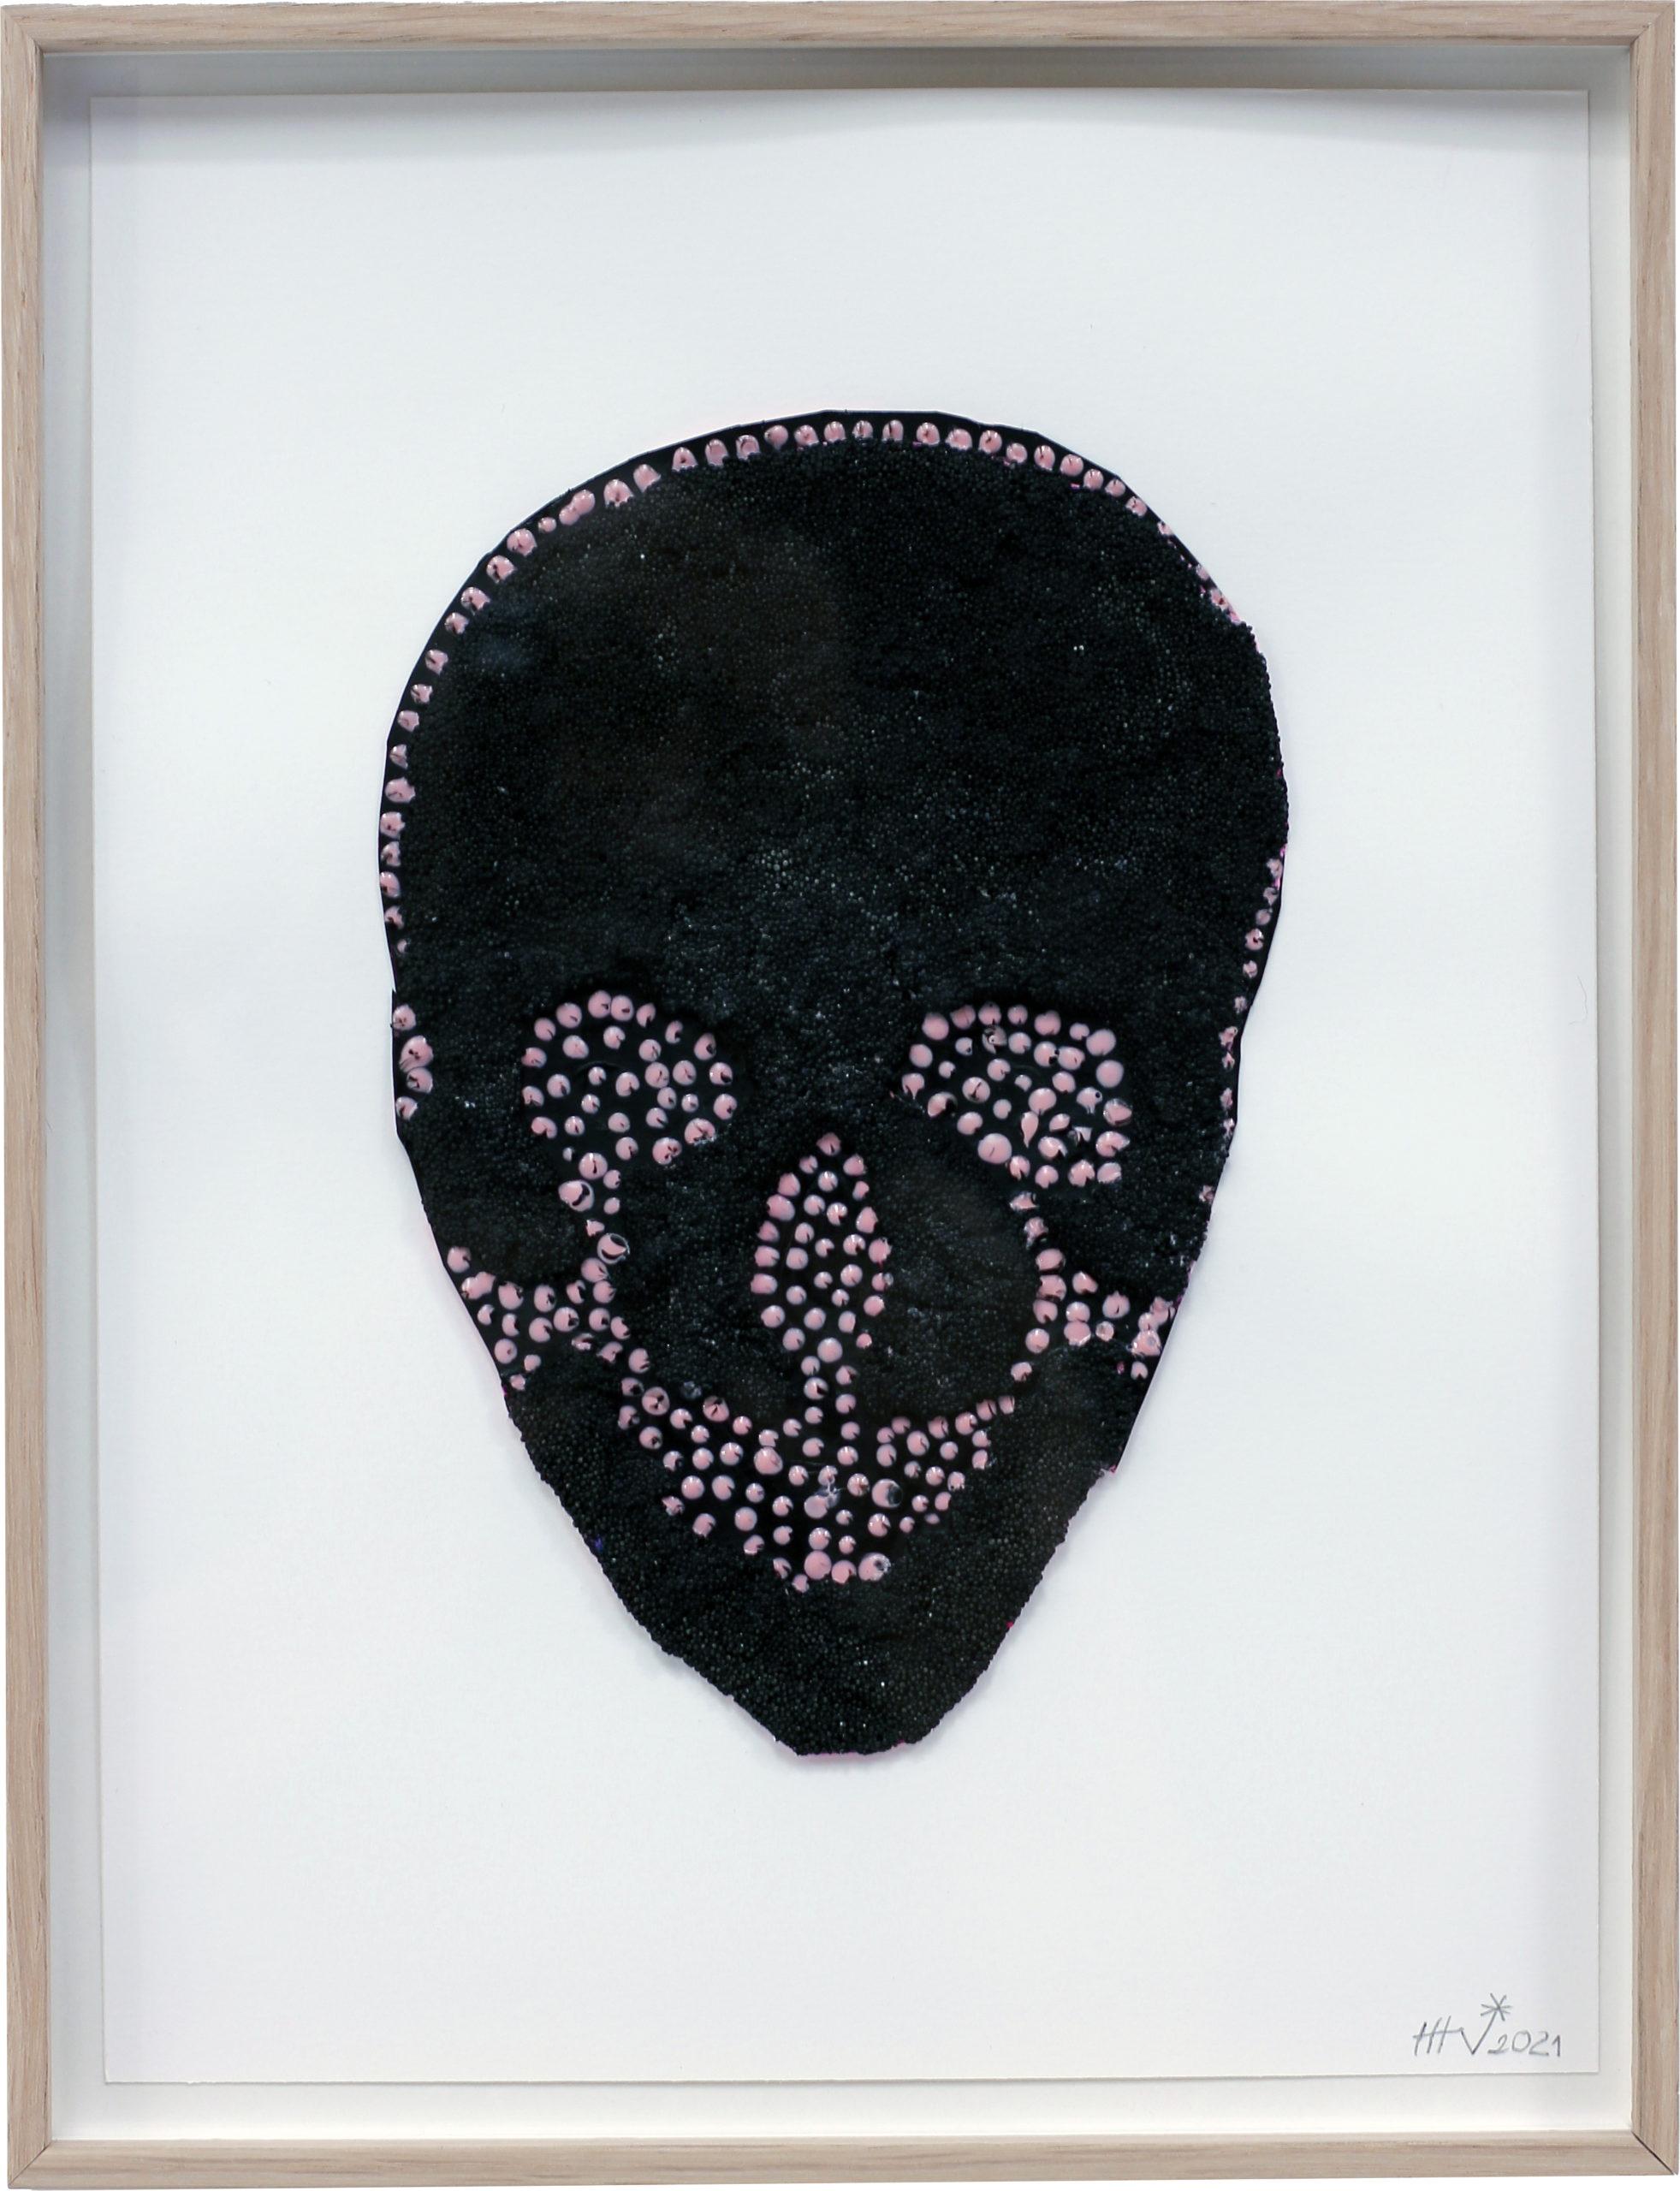 LA NEGRA. Masilla y tinta negra sobre papel 27x35cm. Enmarcado 2021